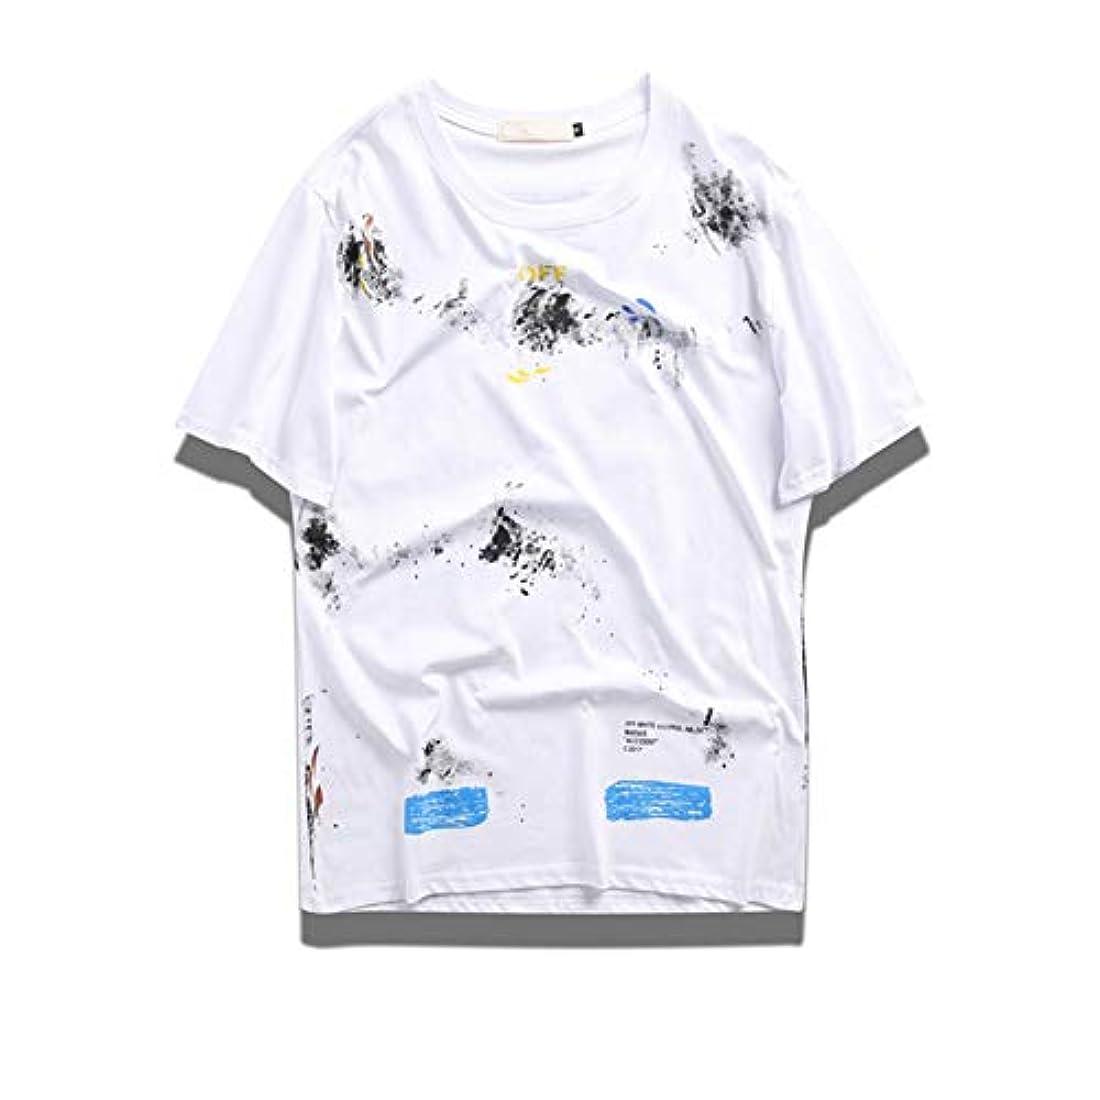 骨曇った繁栄メンズ半袖Tシャツ コットン アウトドア 2色揃い 男女兼用E